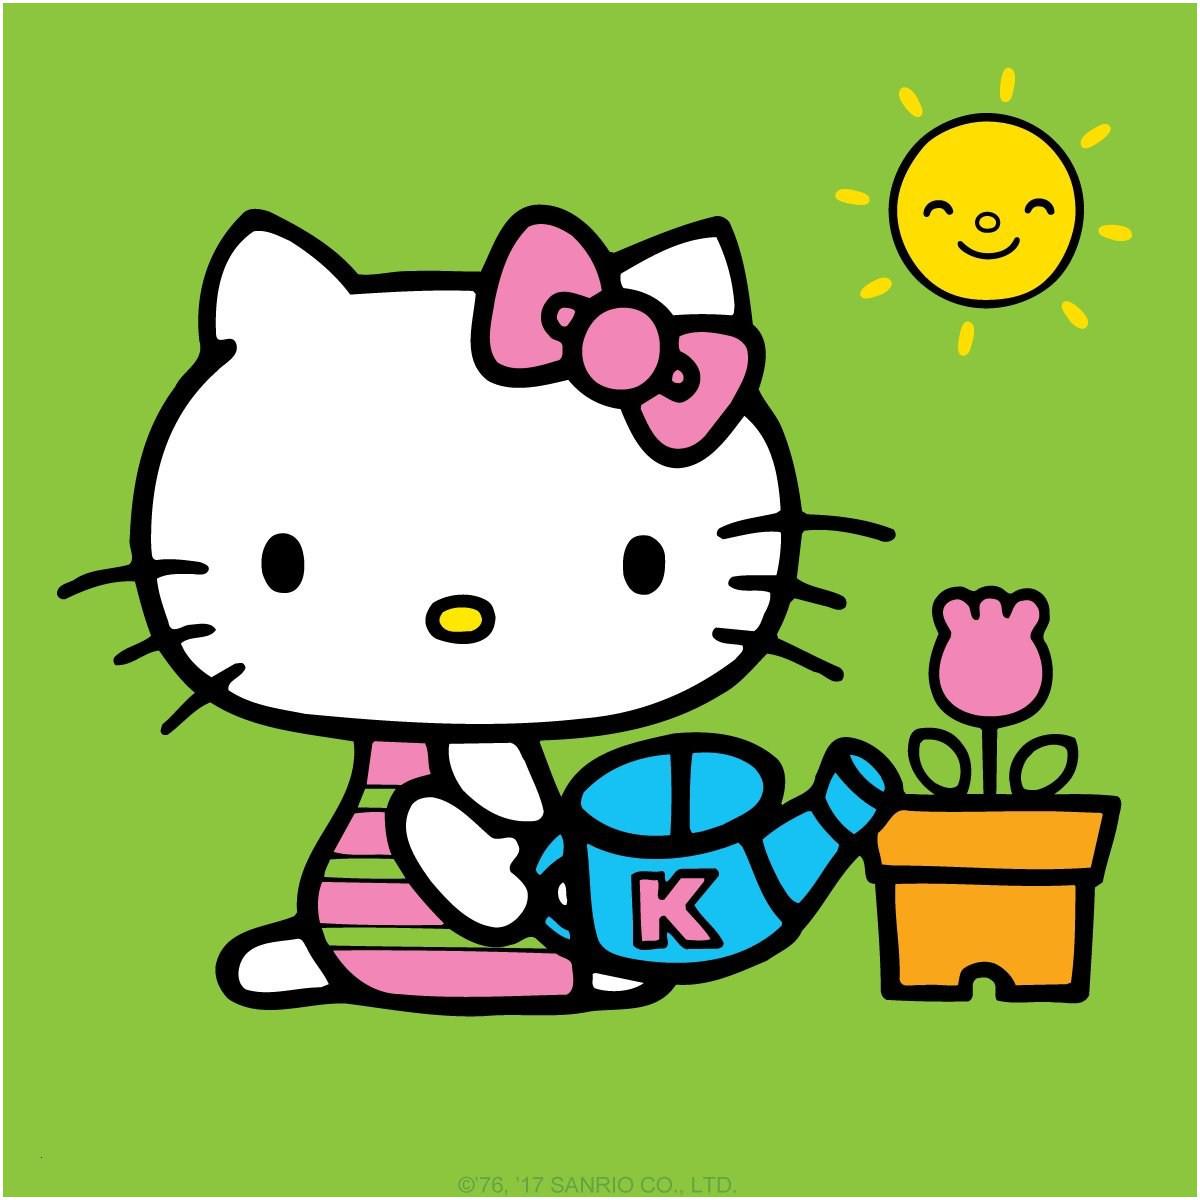 Hello Kitty Malvorlage Inspirierend 40 Fantastisch Hello Kitty Malvorlage – Große Coloring Page Sammlung Bilder